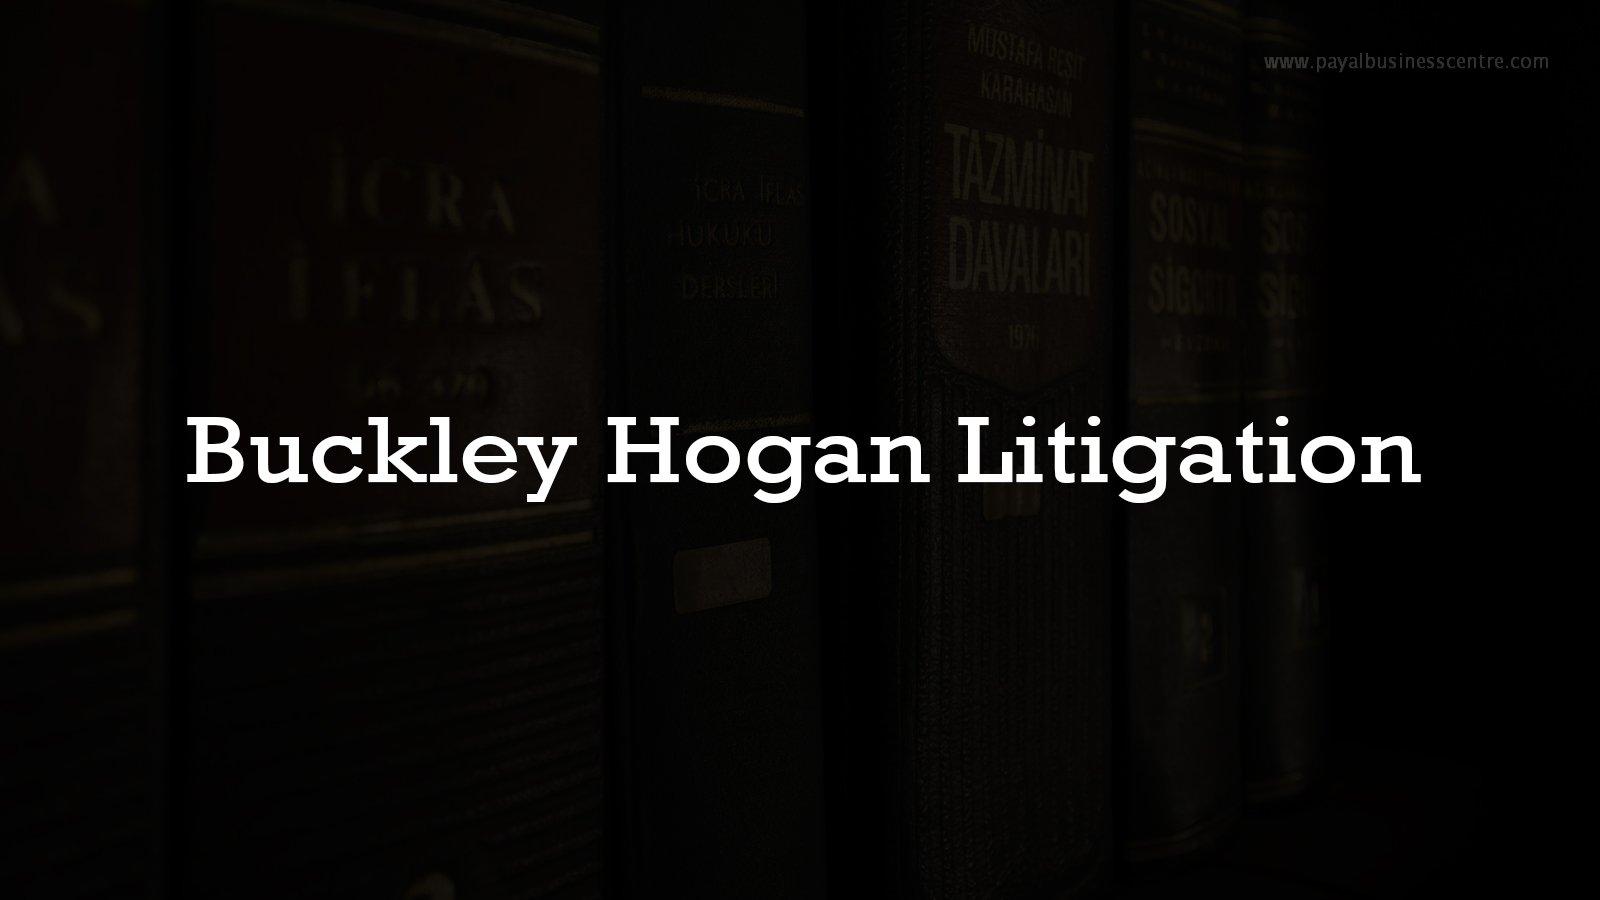 Buckley Hogan Litigation - Lawyers - 8120 128 St